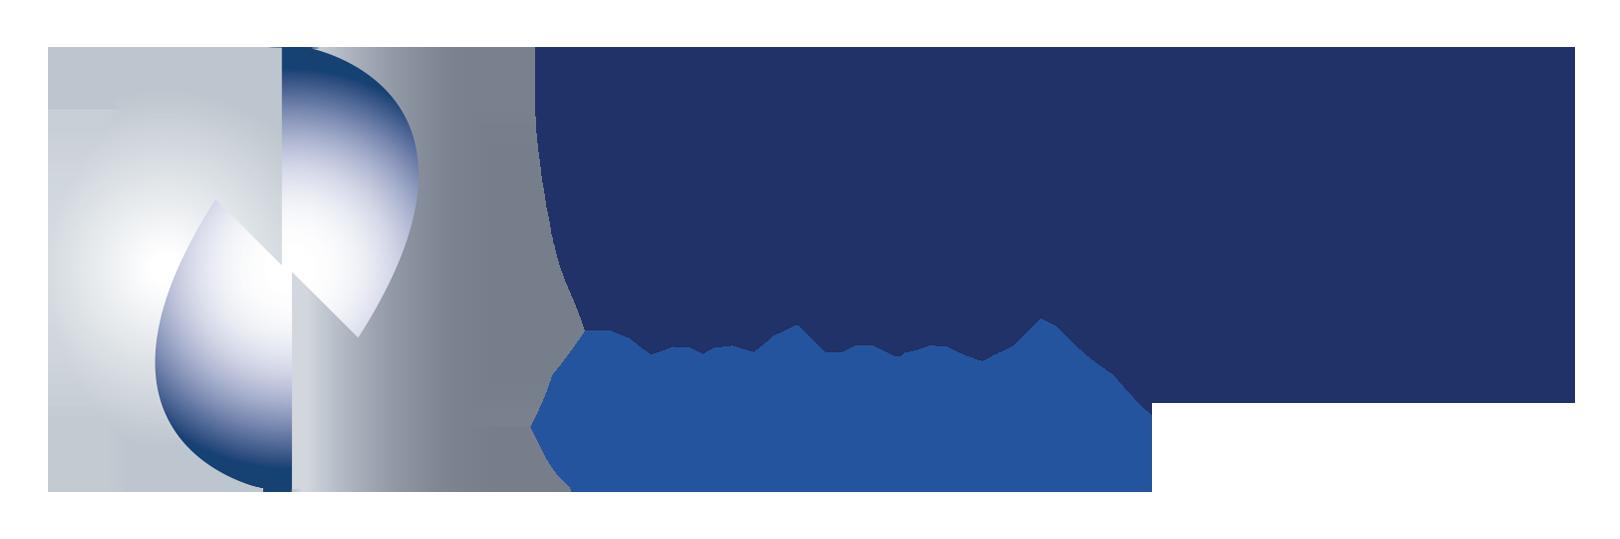 Obelis UK Ltd.